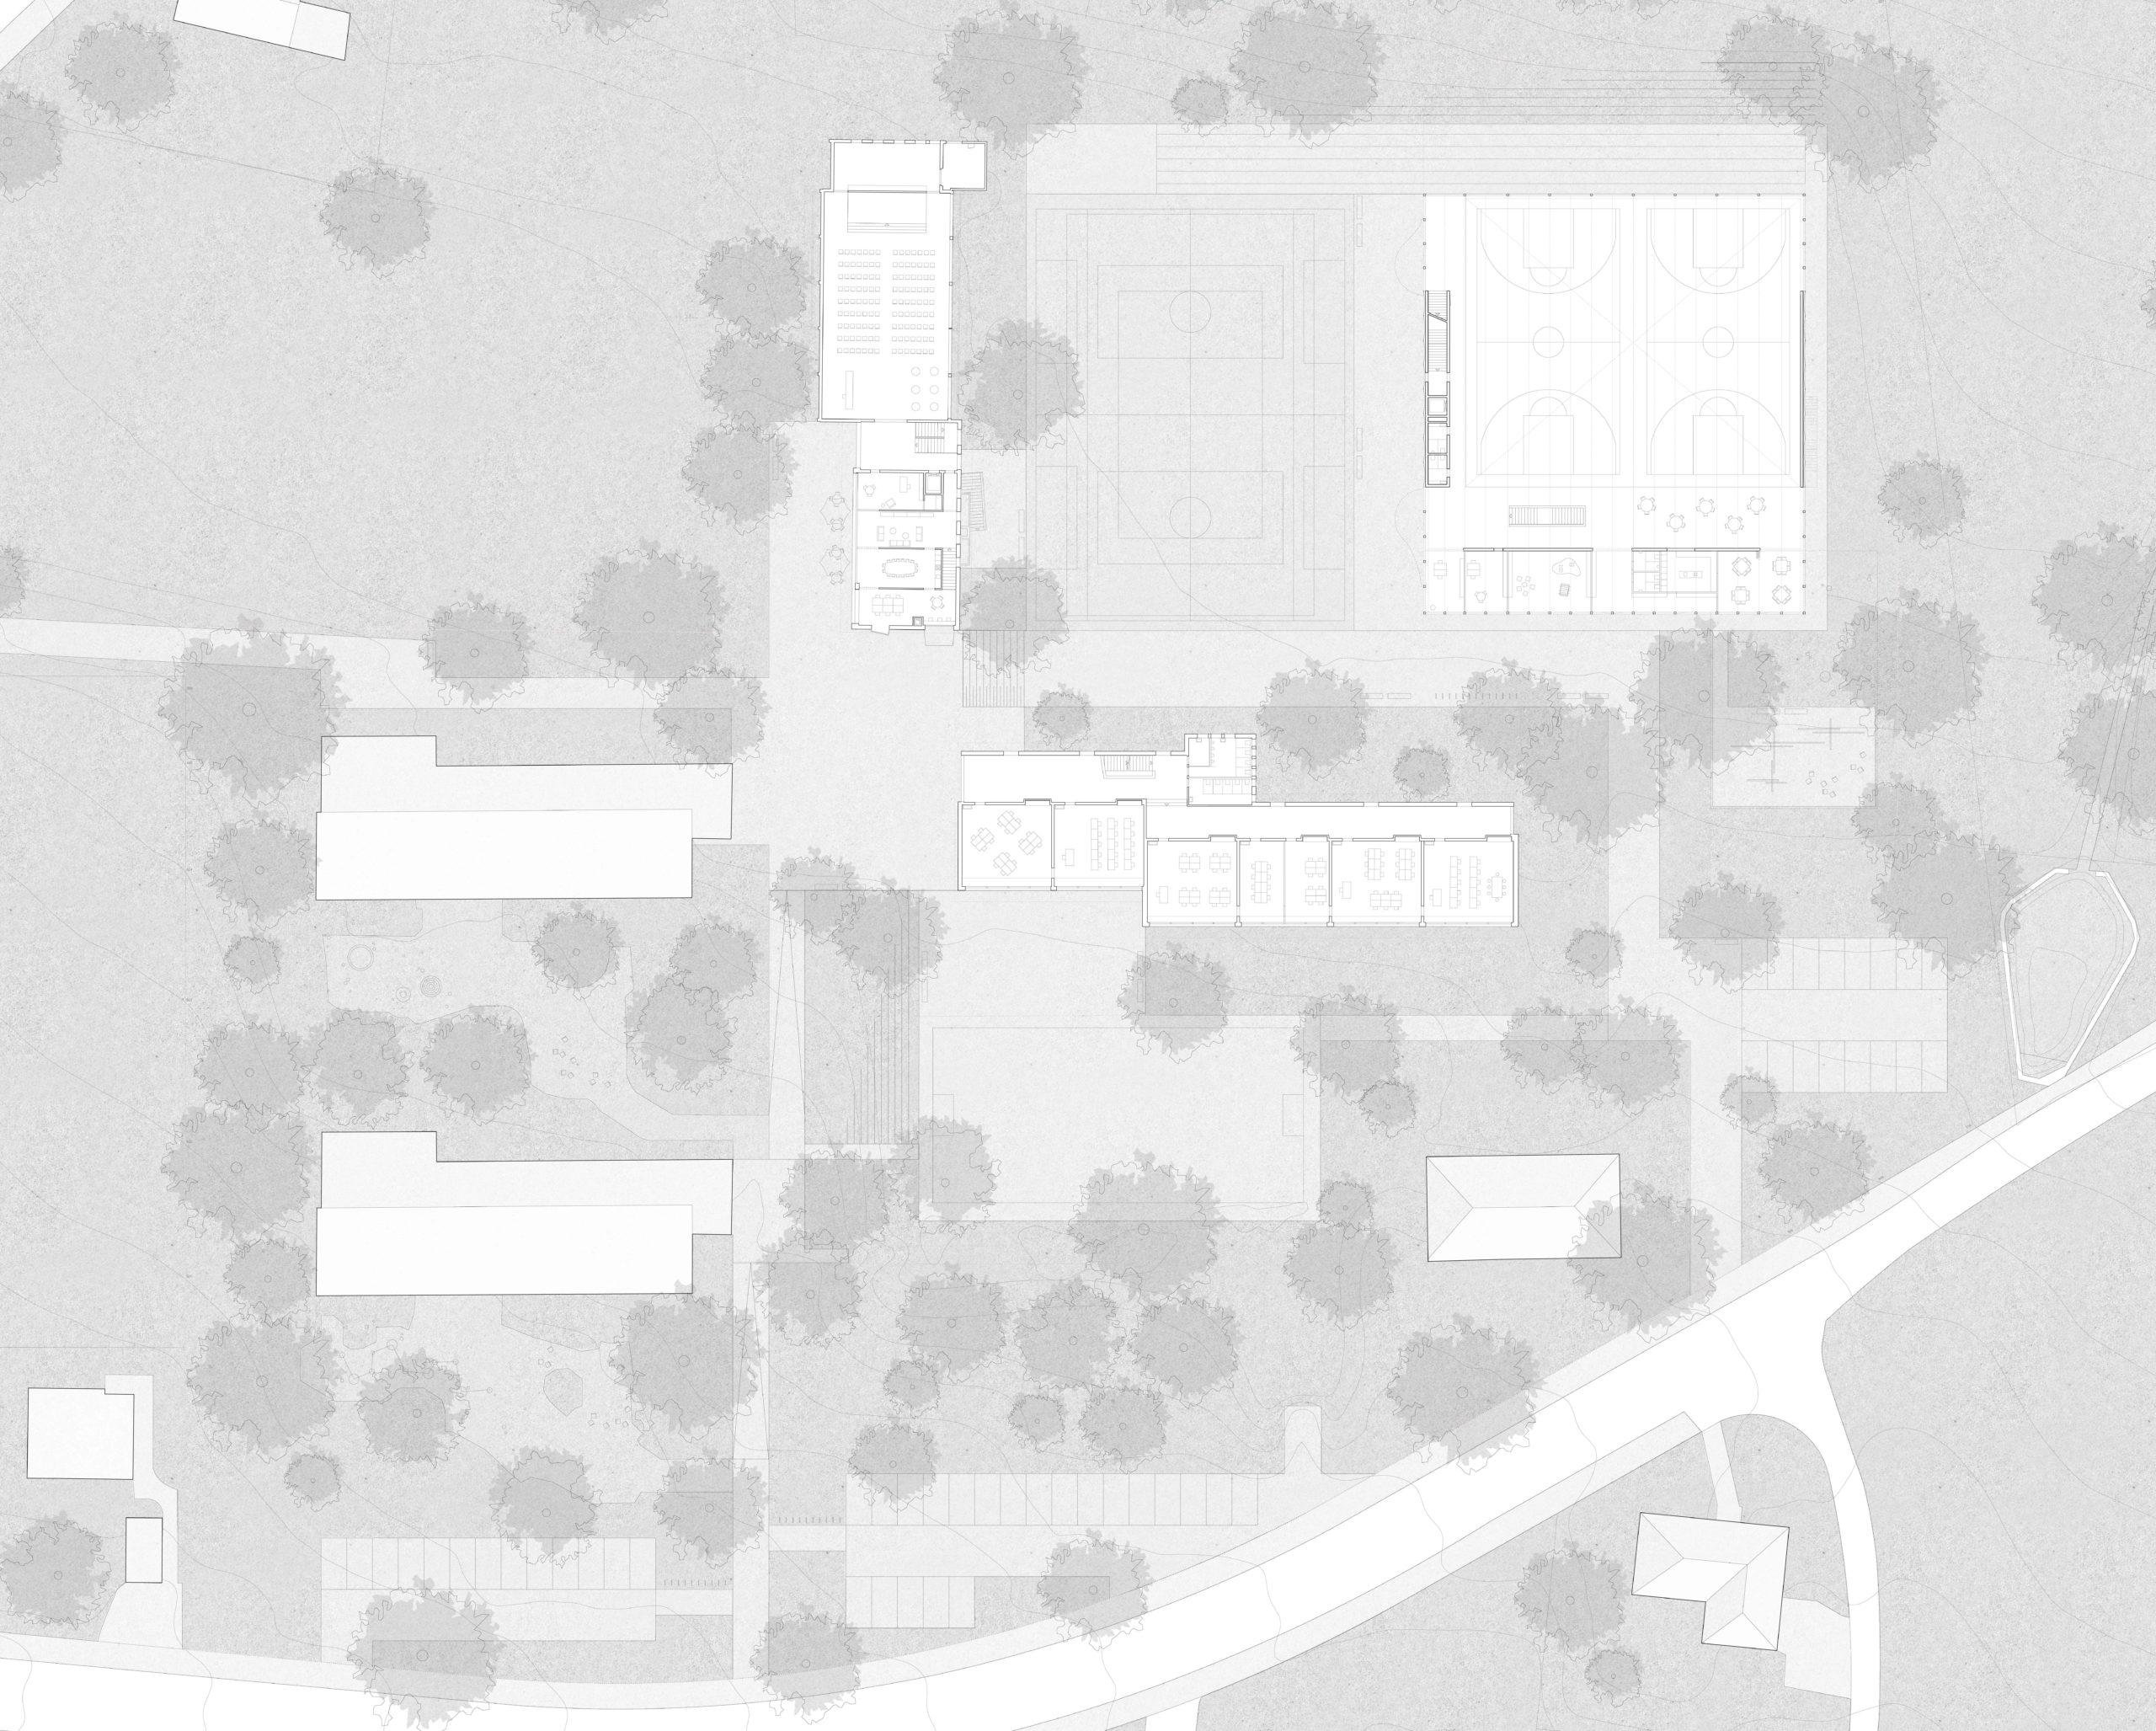 STUDIO CORNEL STAEHELI Schulraumerweiterung und Neubau Doppelturnhalle SH Kastels Bestand Grundirss